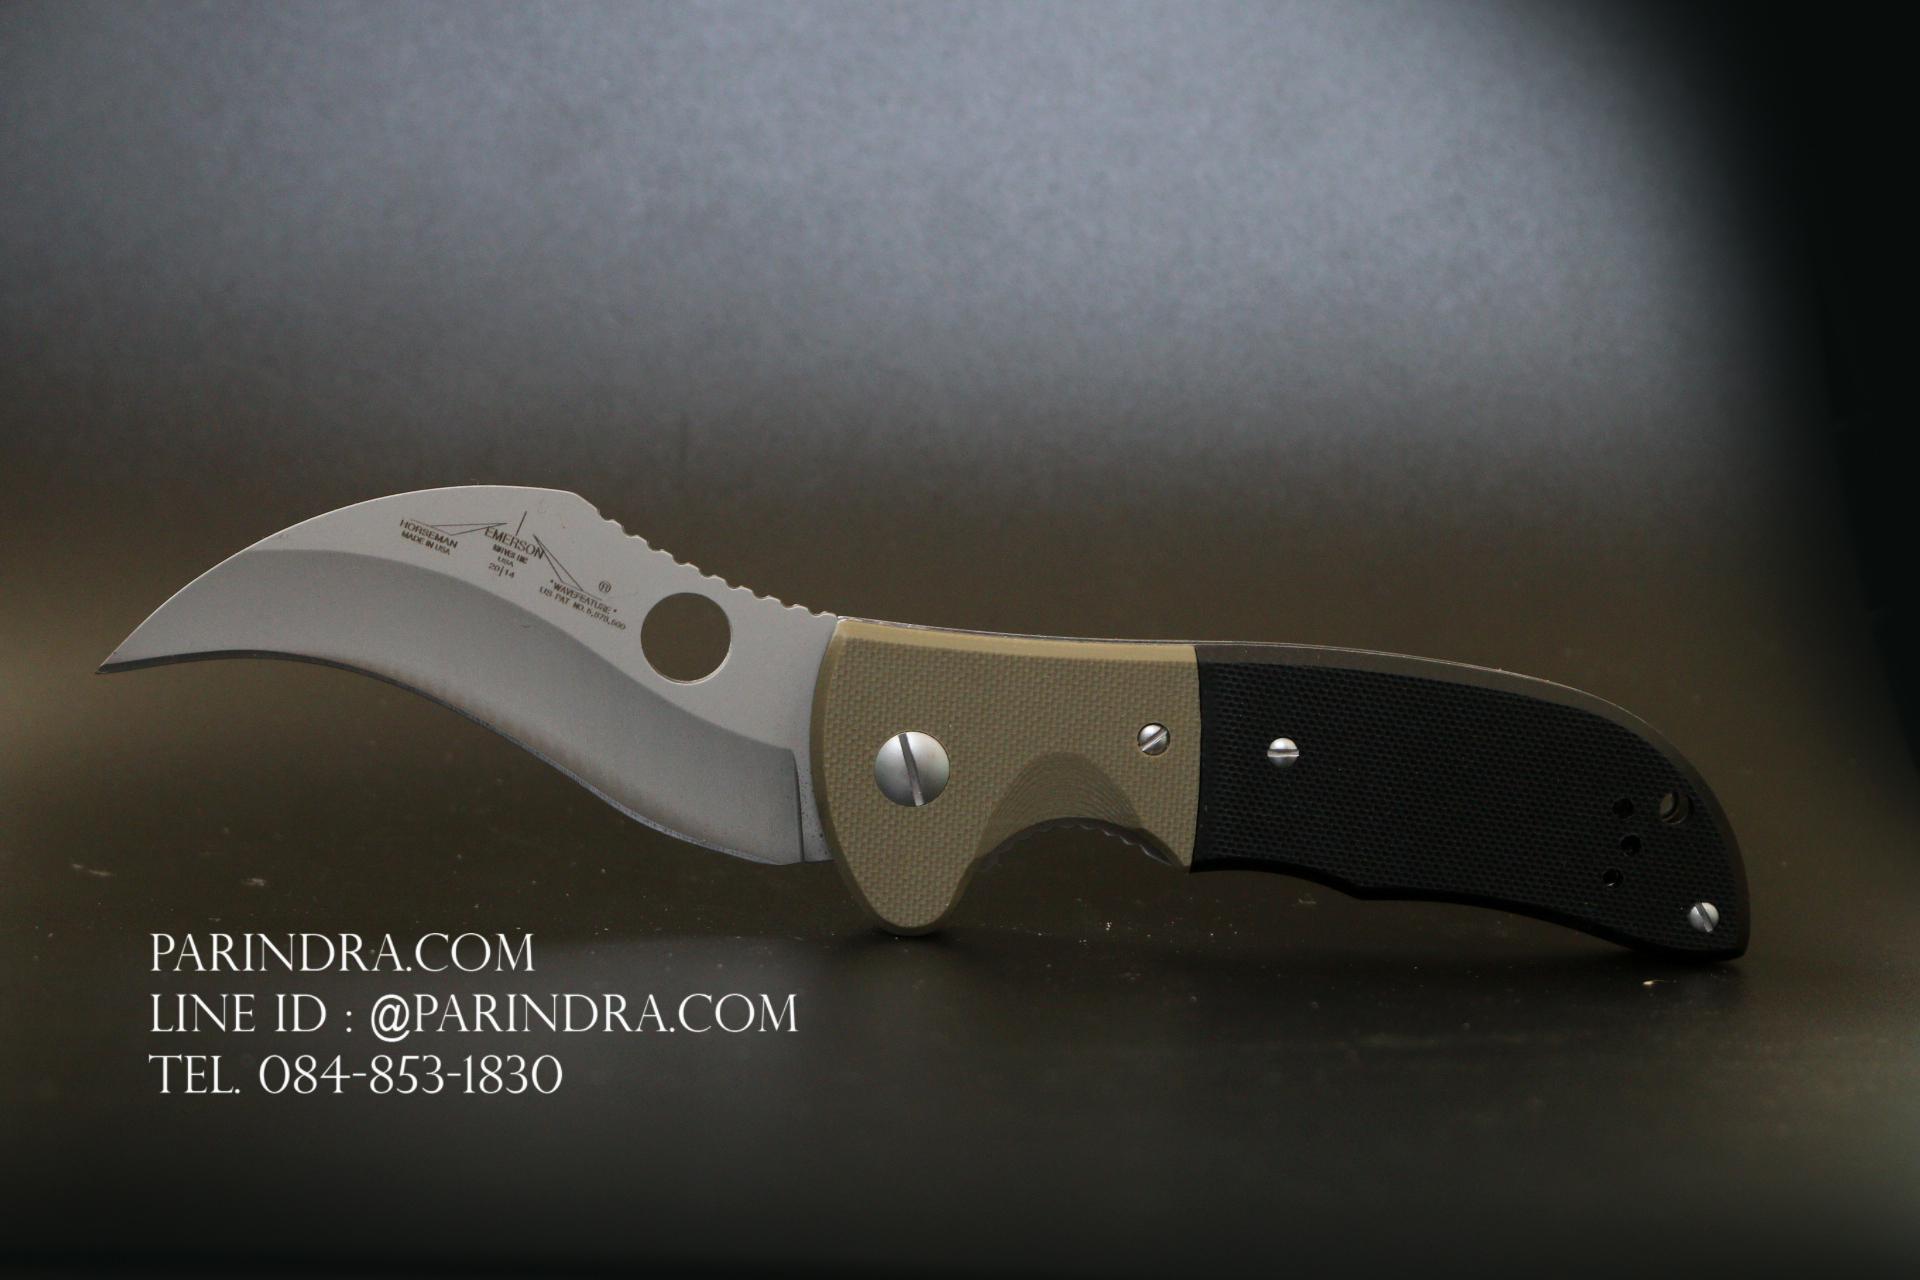 มีดพับ EMERSON ด้าม G10 ใบมีดทรงโค้งงอ (OEM)